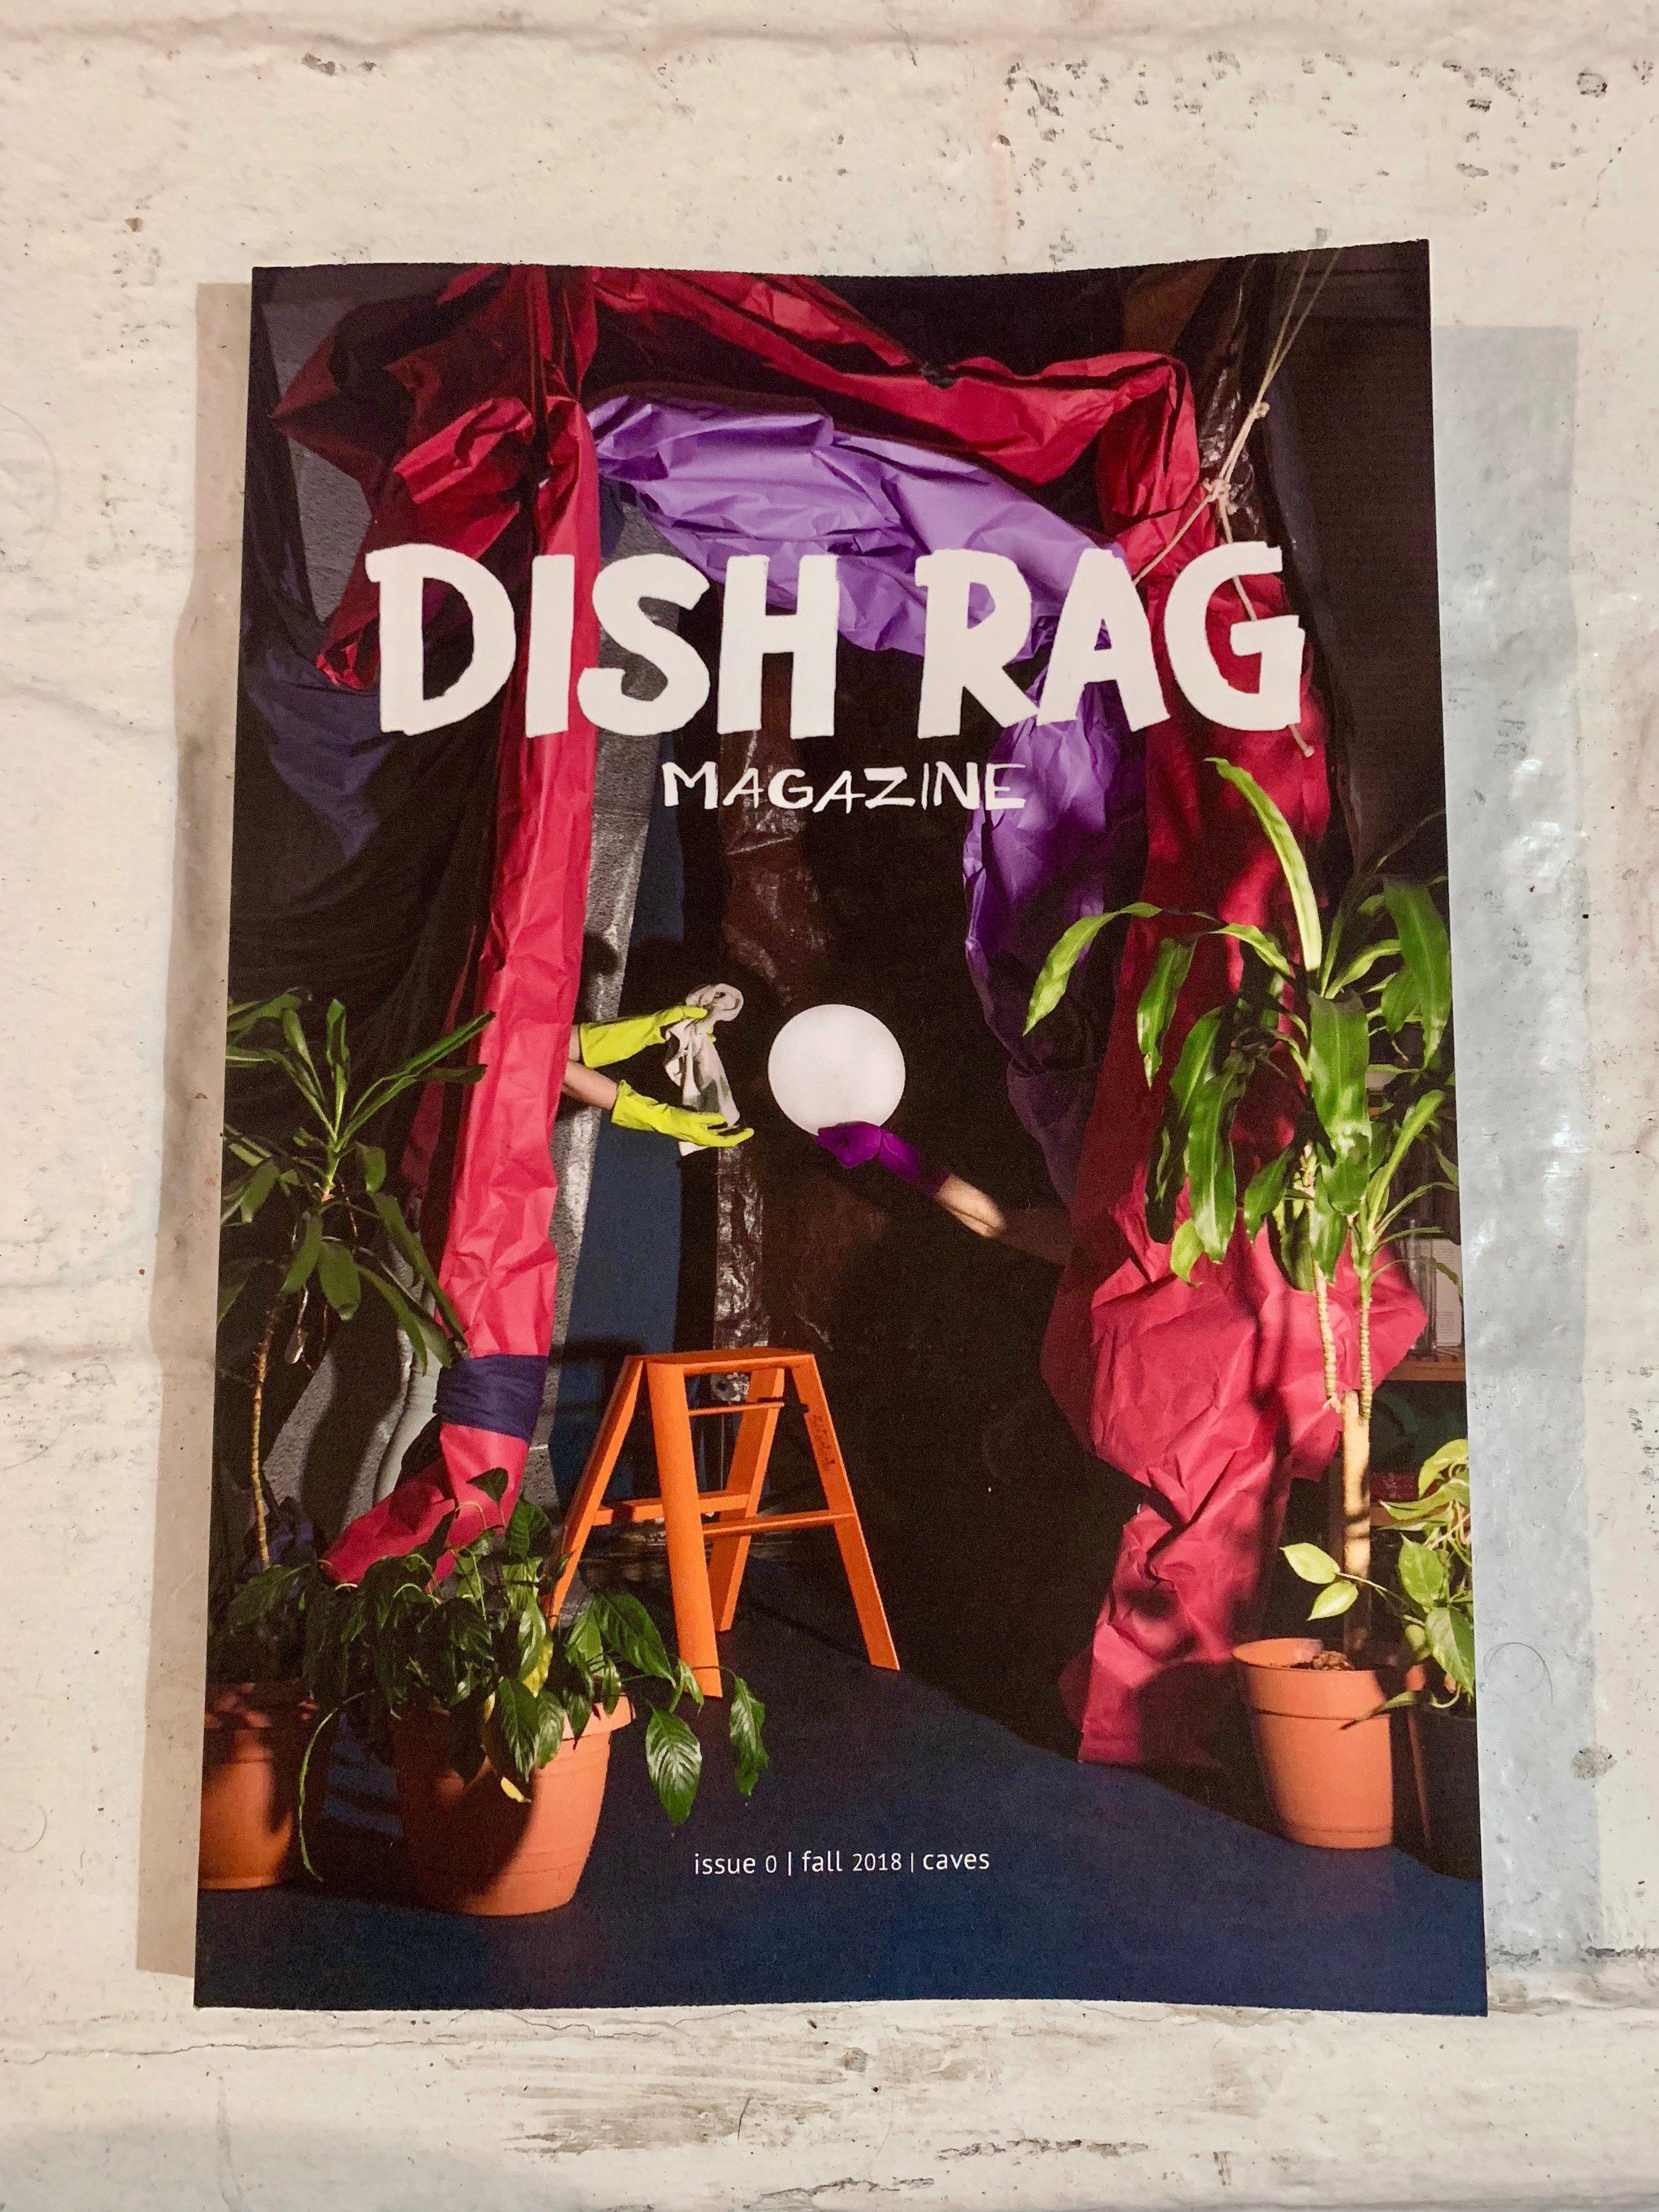 DishRagMagazine_01.jpg